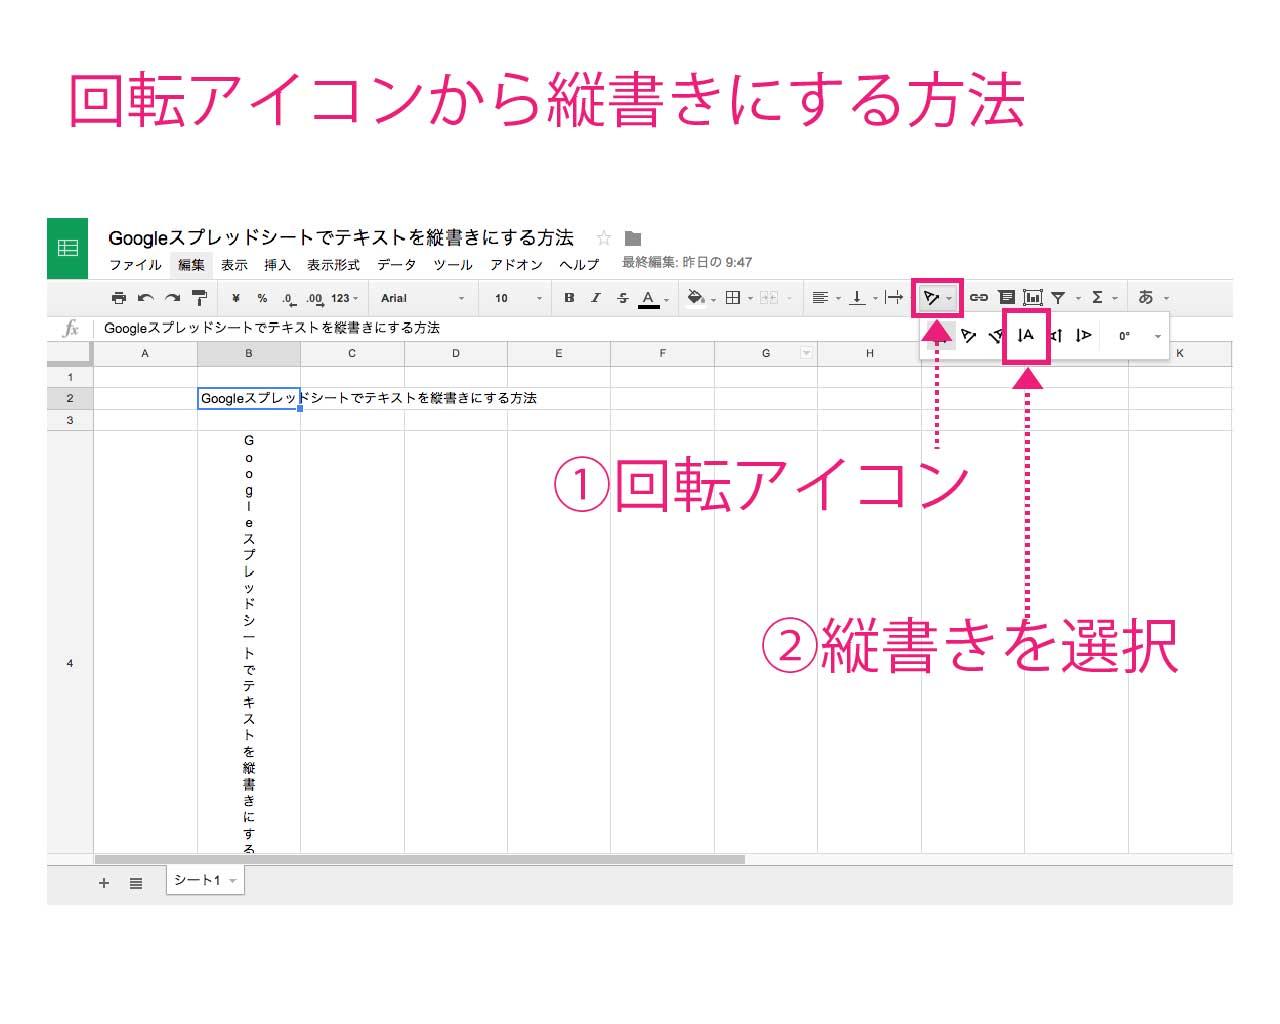 googleスプレッドシート使い方 テキストを縦書きにする方法 smatu